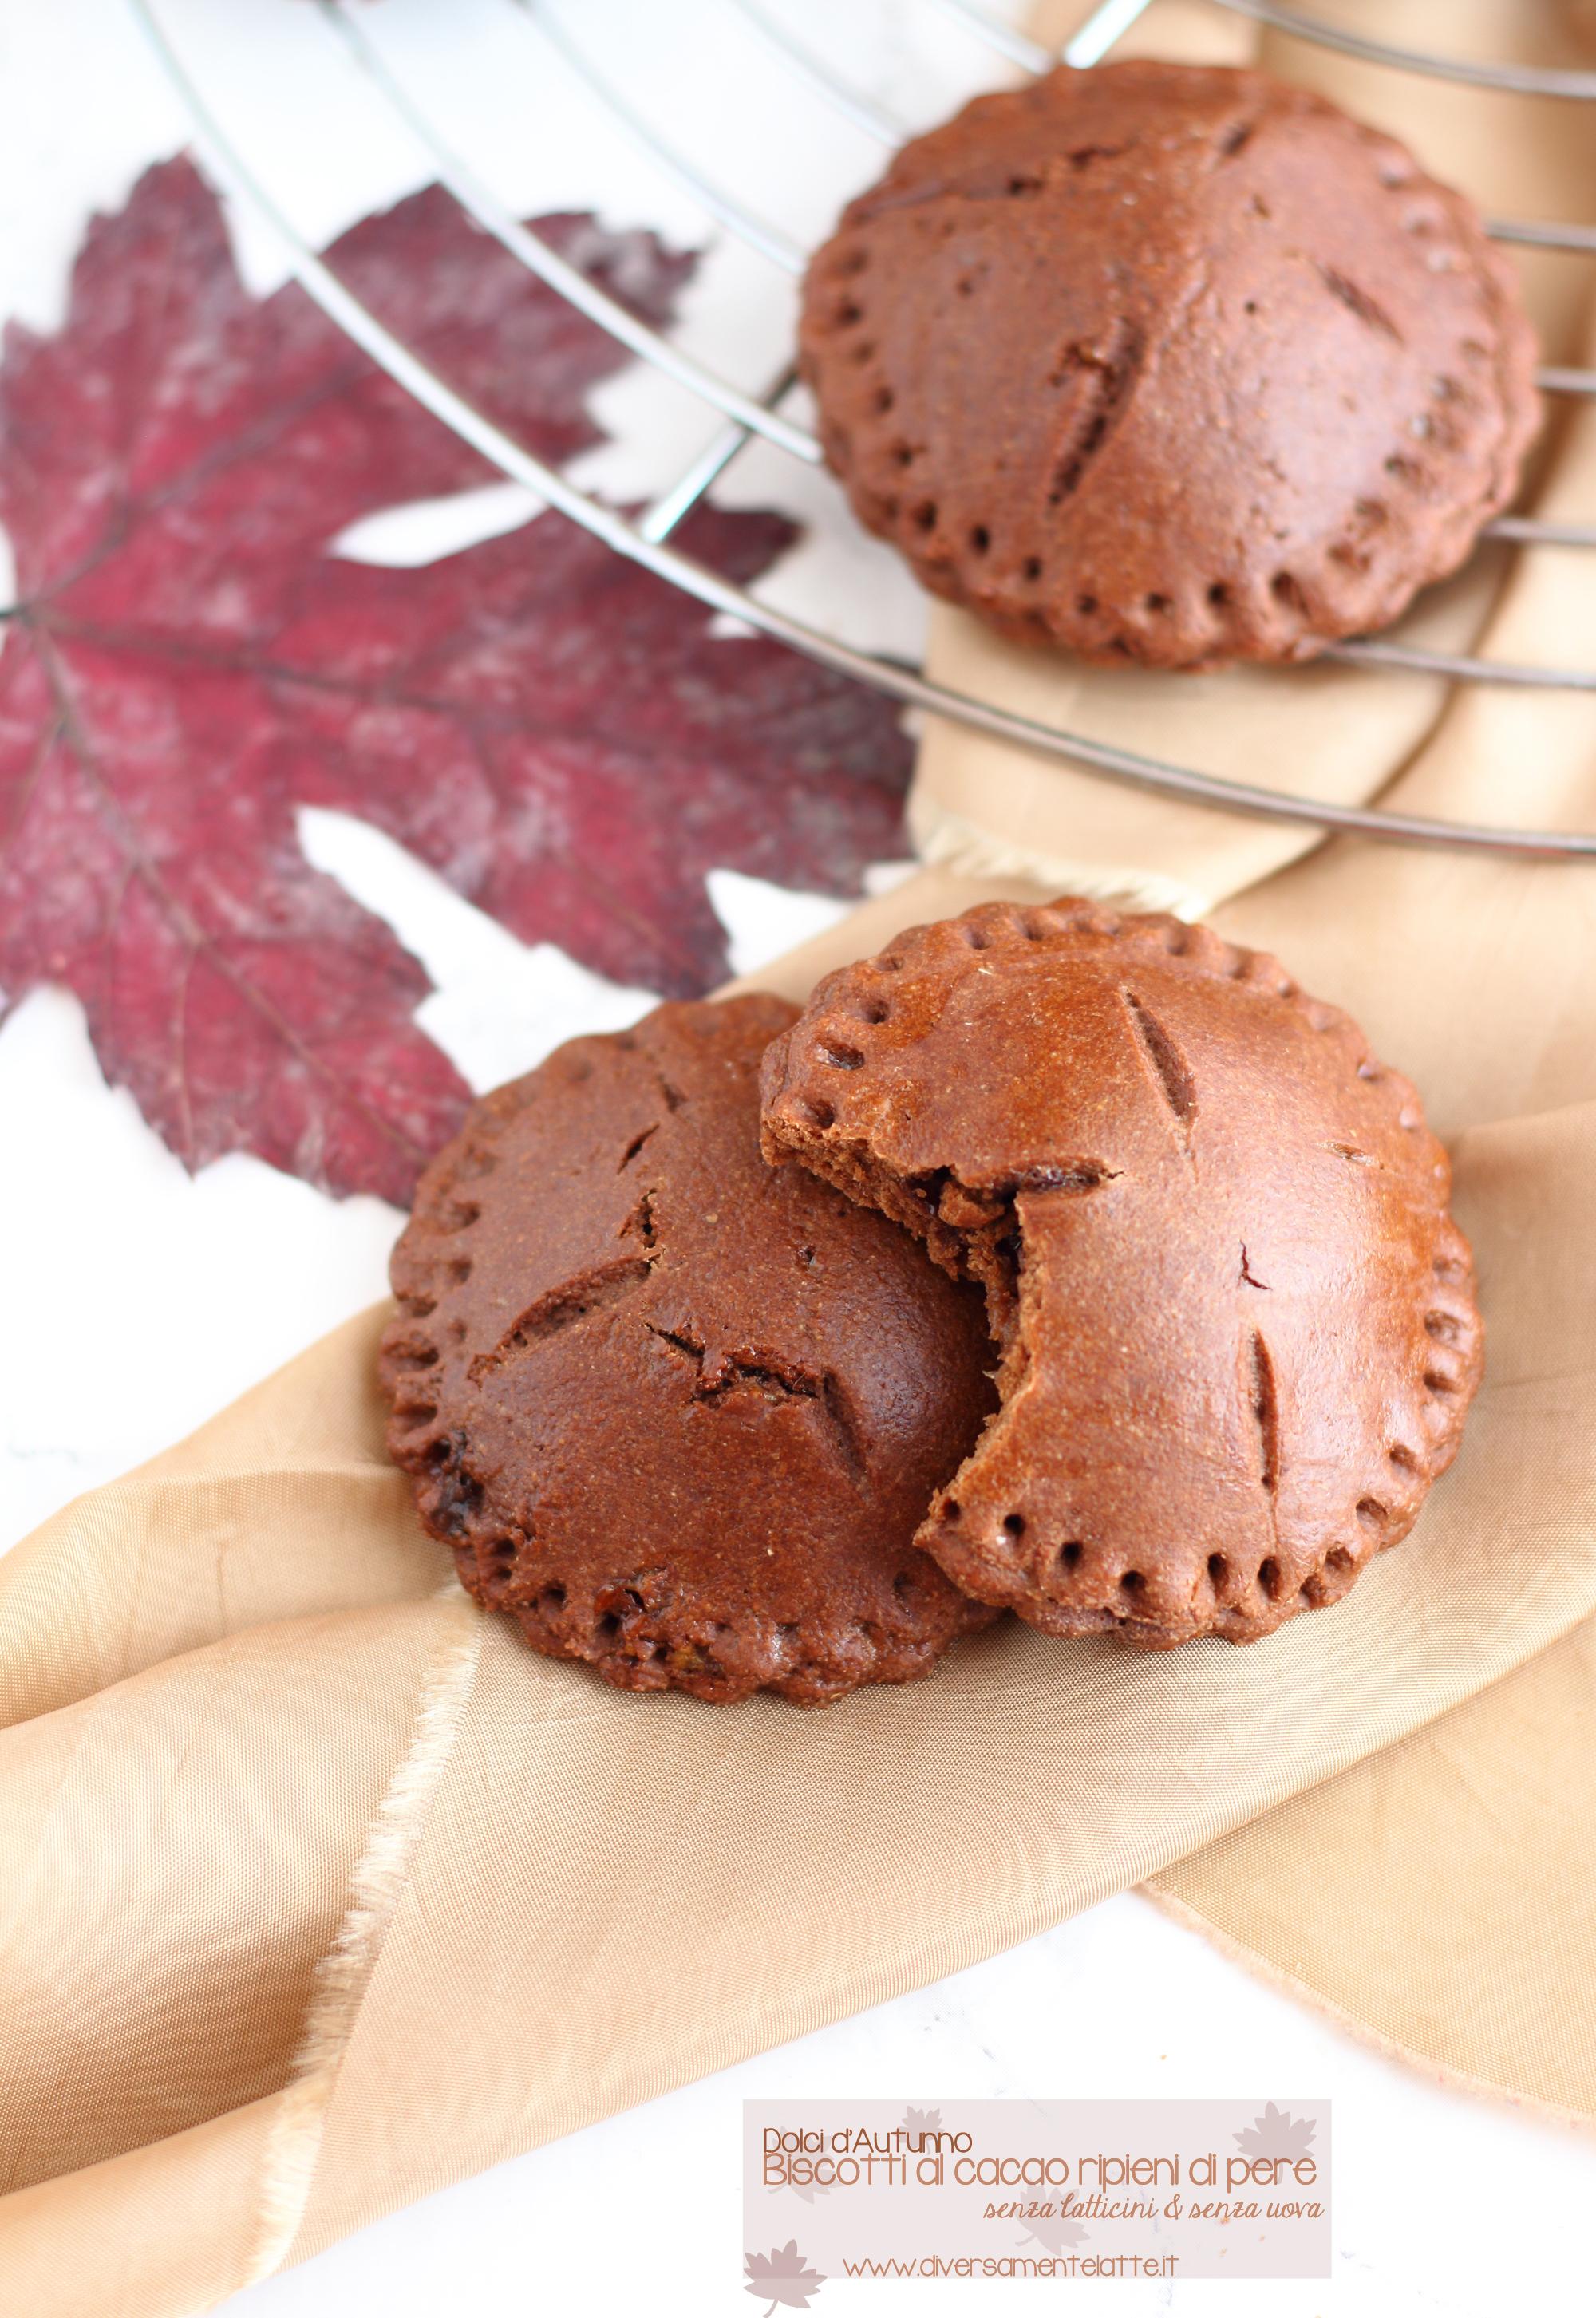 biscotti al cacao ripieni di pere